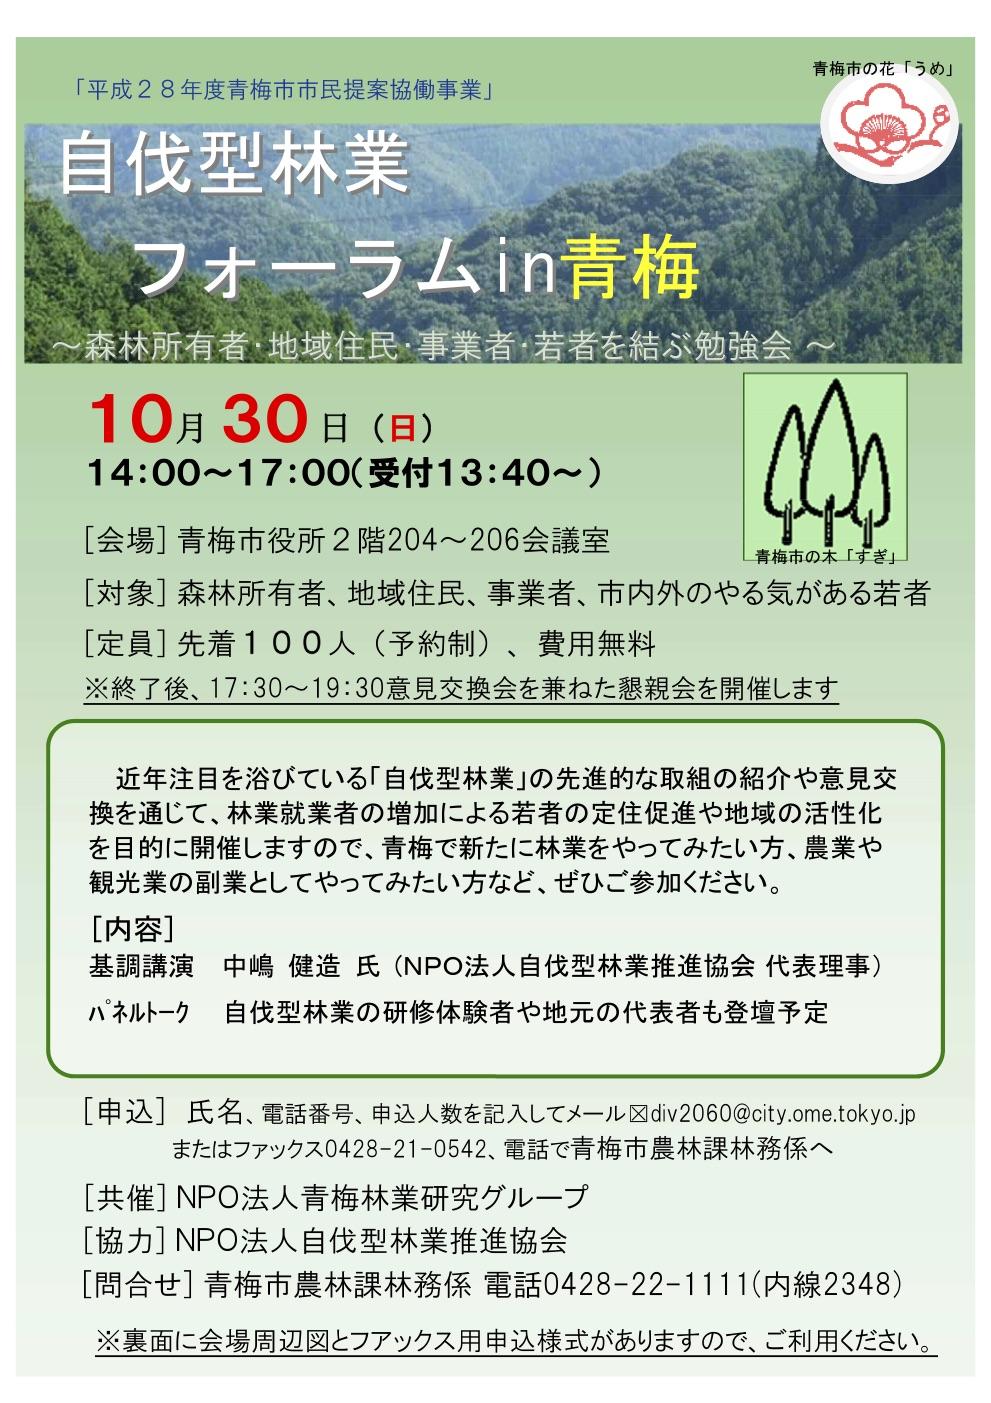 10月30日「自伐型林業フォーラムin青梅」開催!